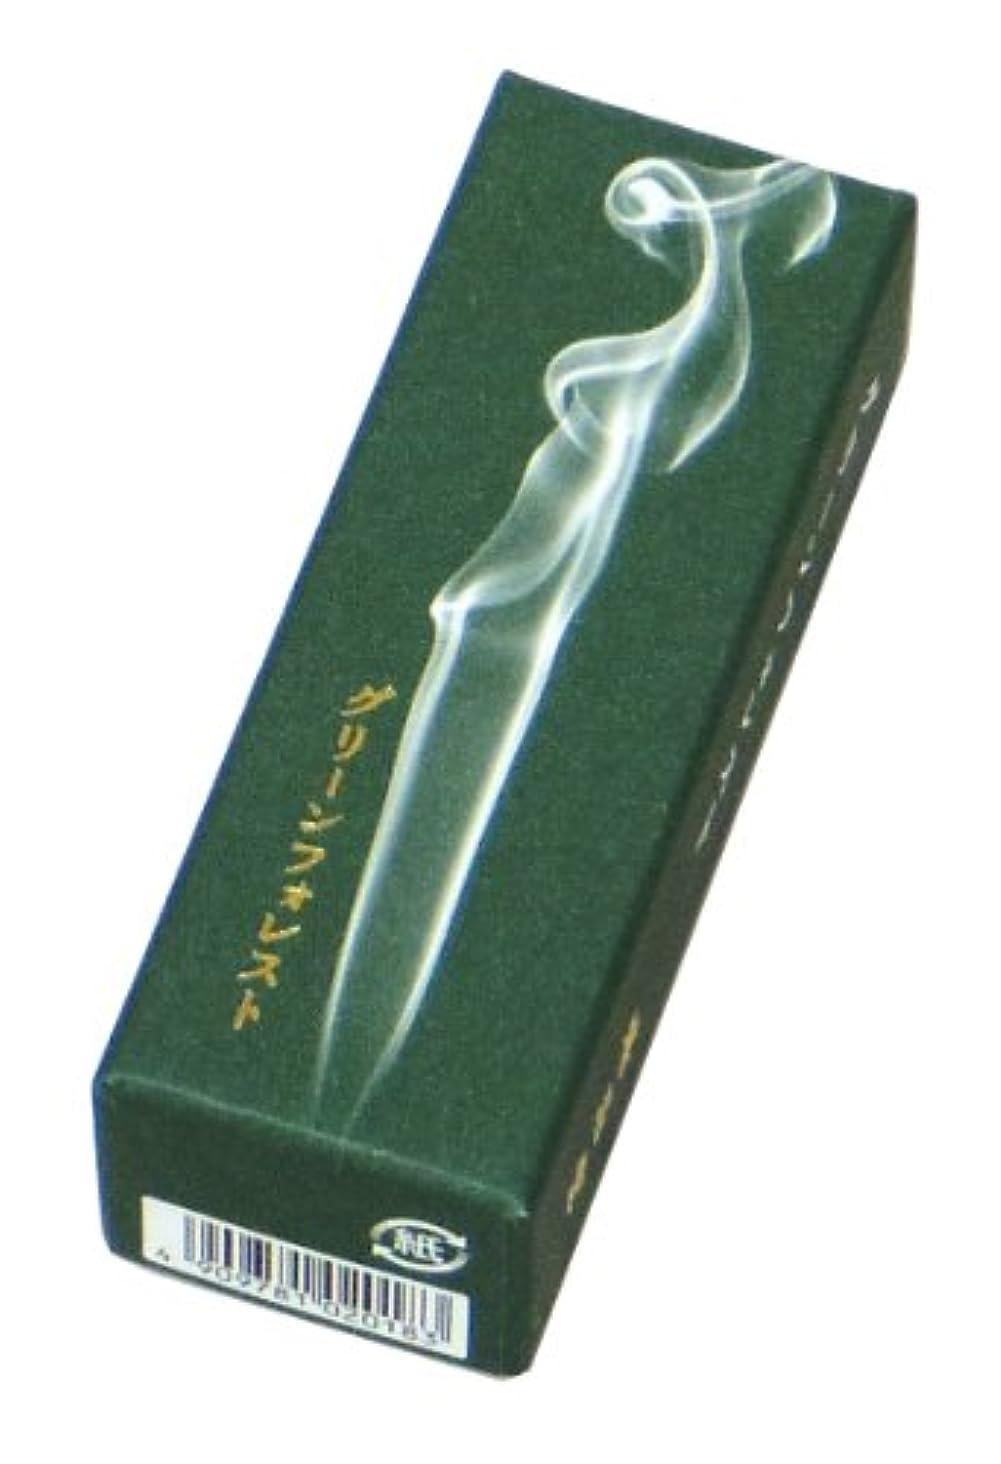 異なる既に甥鳩居堂のお香 香水の香り グリーンフォレスト 20本入 6cm